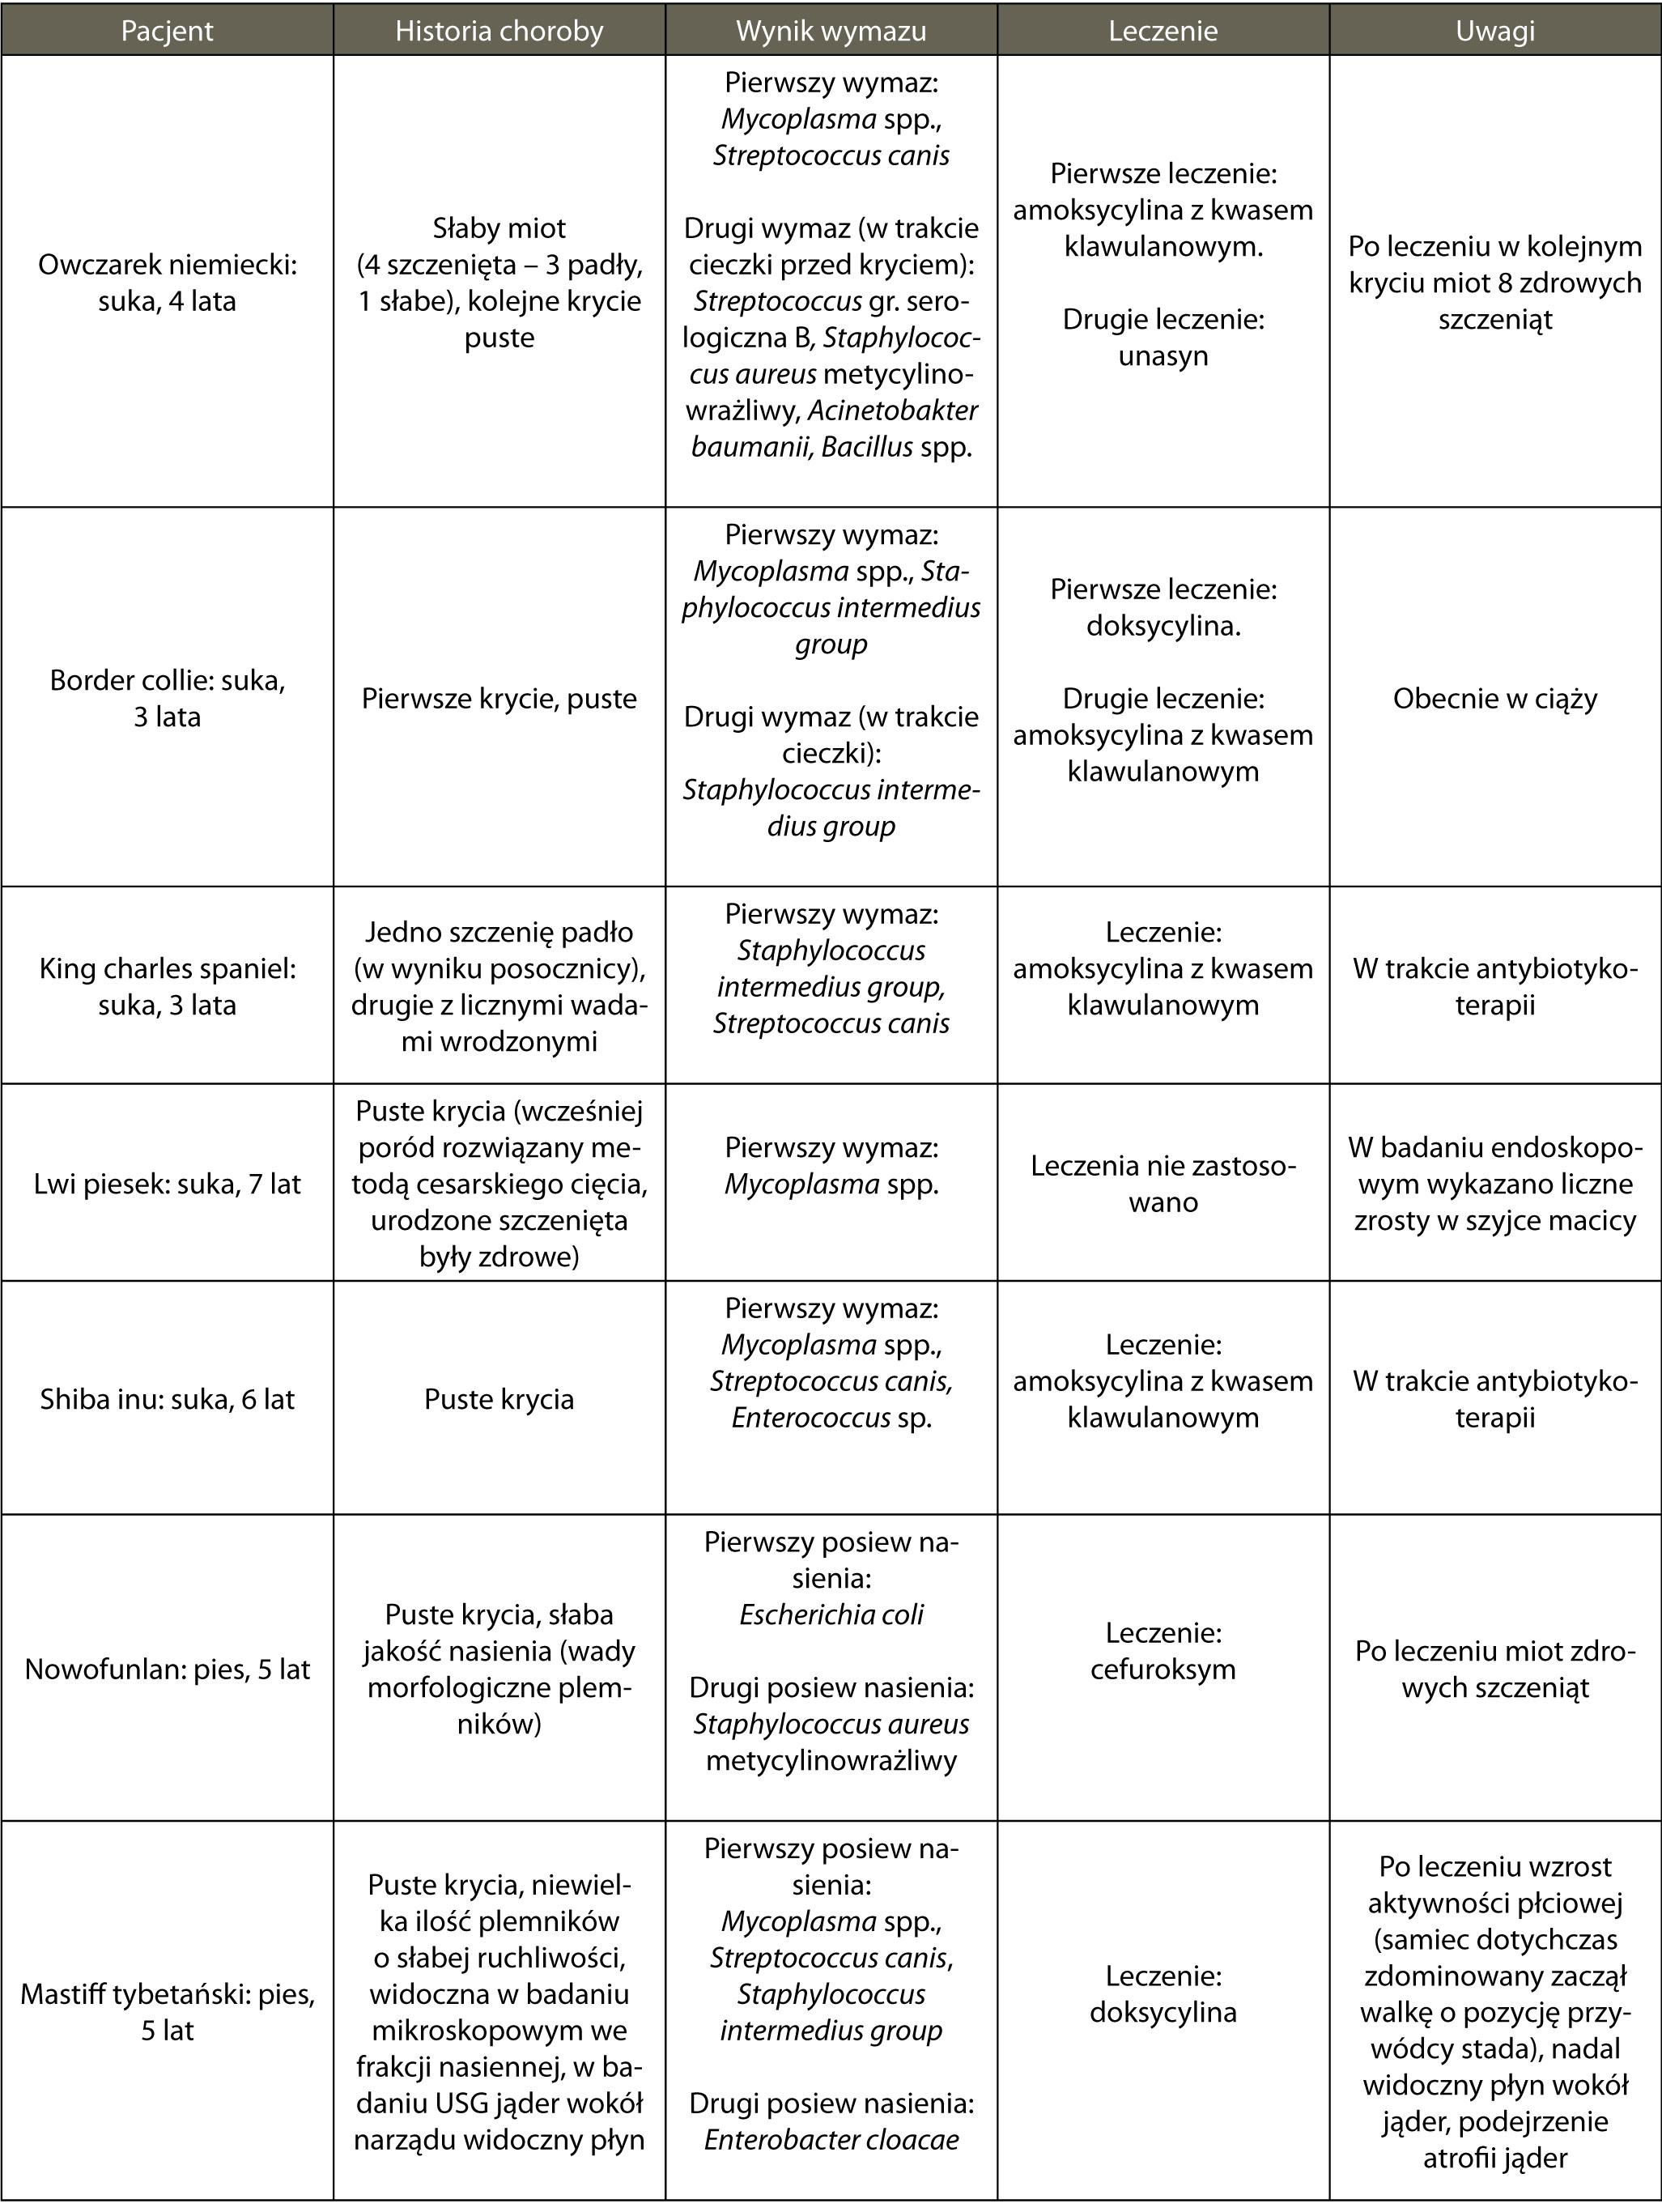 Tab. 1. Podsumowanie przypadków klinicznych związanych z zaburzeniami w rozrodzie, zebranych w ciągu ostatnich 6 miesięcy. Badanie mikrobiologiczne wykonano w laboratorium Idexx (profil rozrodczy psów obejmujący Mycoplasma spp. [wykrycie kwasu nukleinowego], Brucella canis [real-time PCR], Herpewirus typ 1 [real-time PCR], Chlamydia sp. – Ch. abortus, Ch. psittaci, Ch. caviae, Ch. felis [wykrycie kwasu nukleinowego metodą PCR], hodowla tlenowa bakterii. Leczenie zastosowano zgodnie z wynikami antybiogramu. Tabela obejmuje jedynie najistotniejsze informacje dotyczące historii choroby oraz opis niektórych badań, jakie zostały wykonane. Nie oznacza to, iż badania USG, hormonalne tarczycy, nasienia nie zostały przeprowadzone.